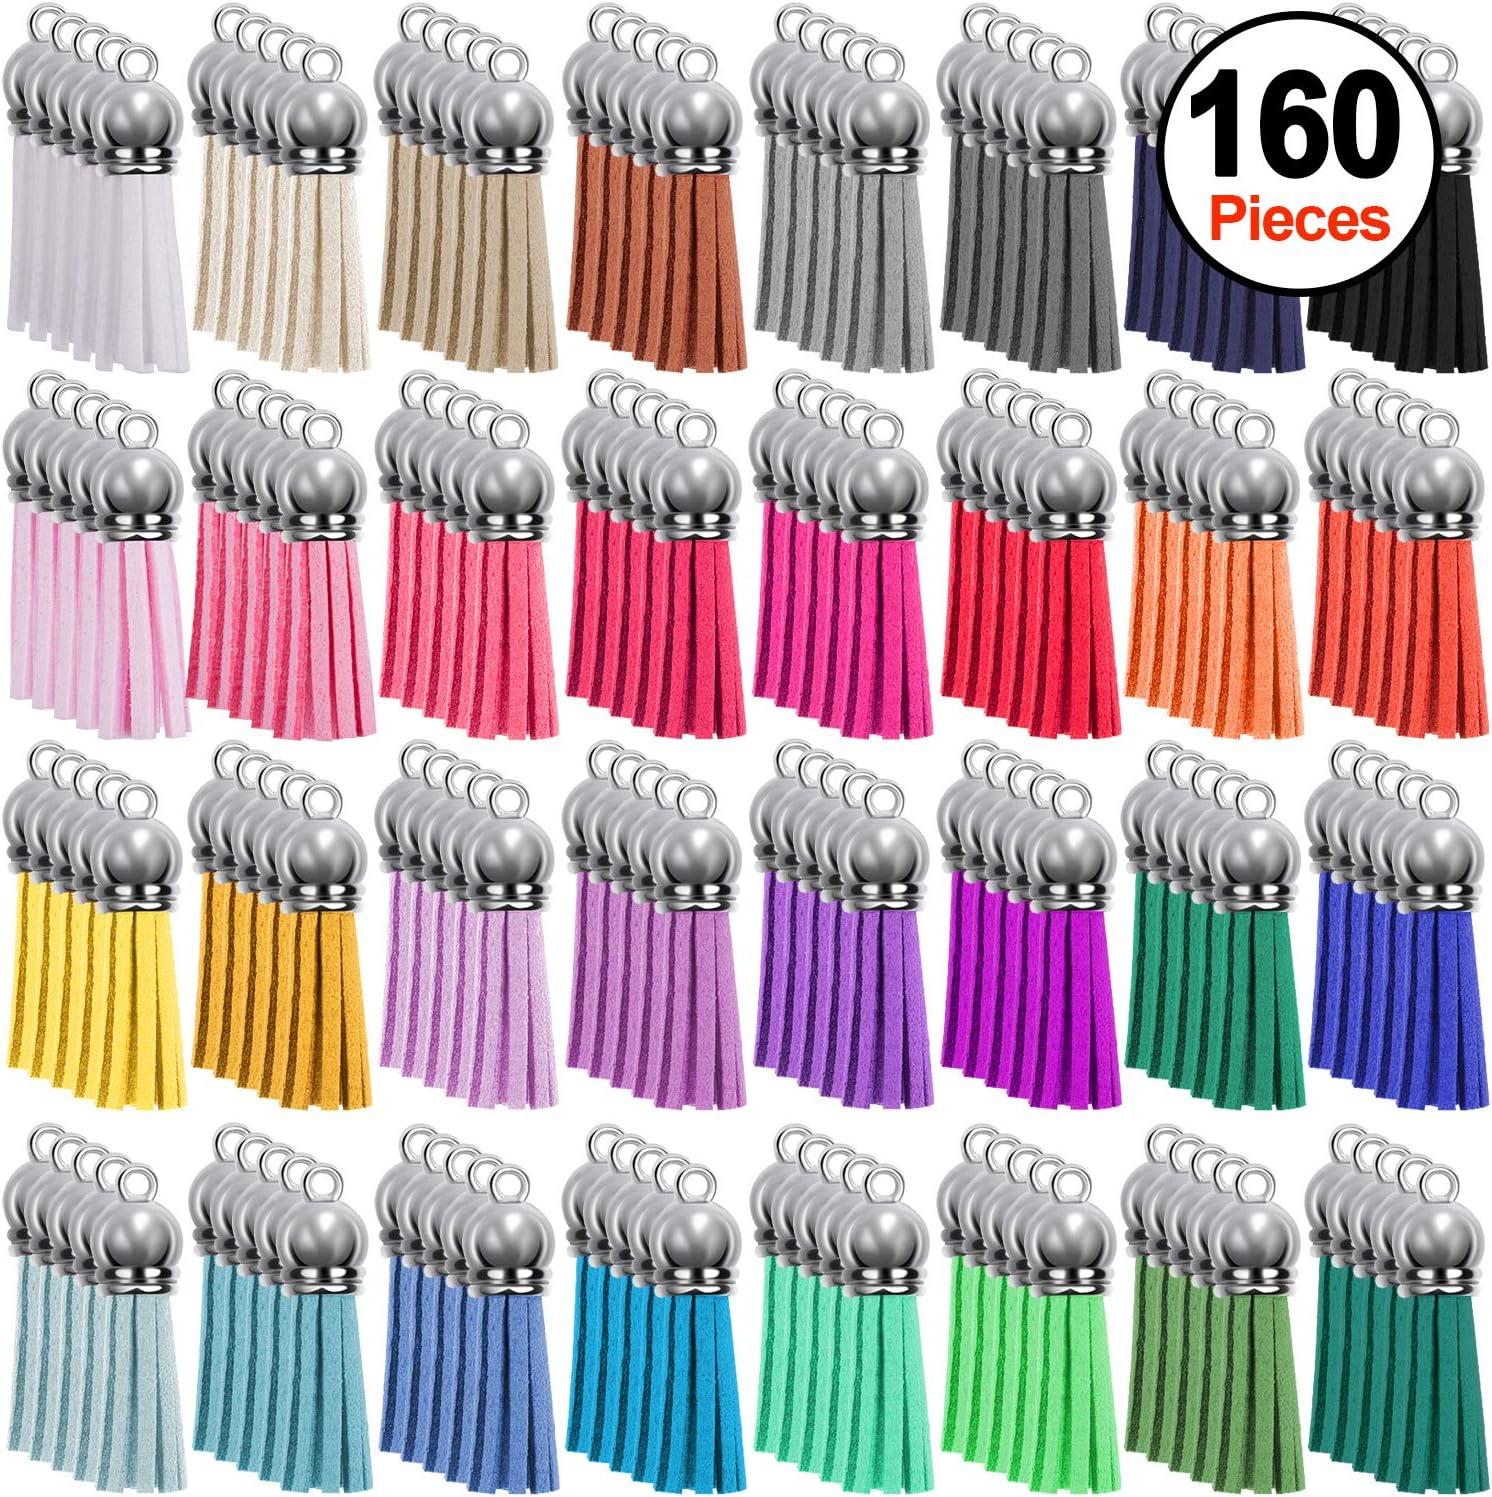 SIQUK 160 Piezas Colgantes de Borlas de Cuero 40mm Borlas de Ante Accesorios para Llavero y Bricolaje Decoración 32 Colores